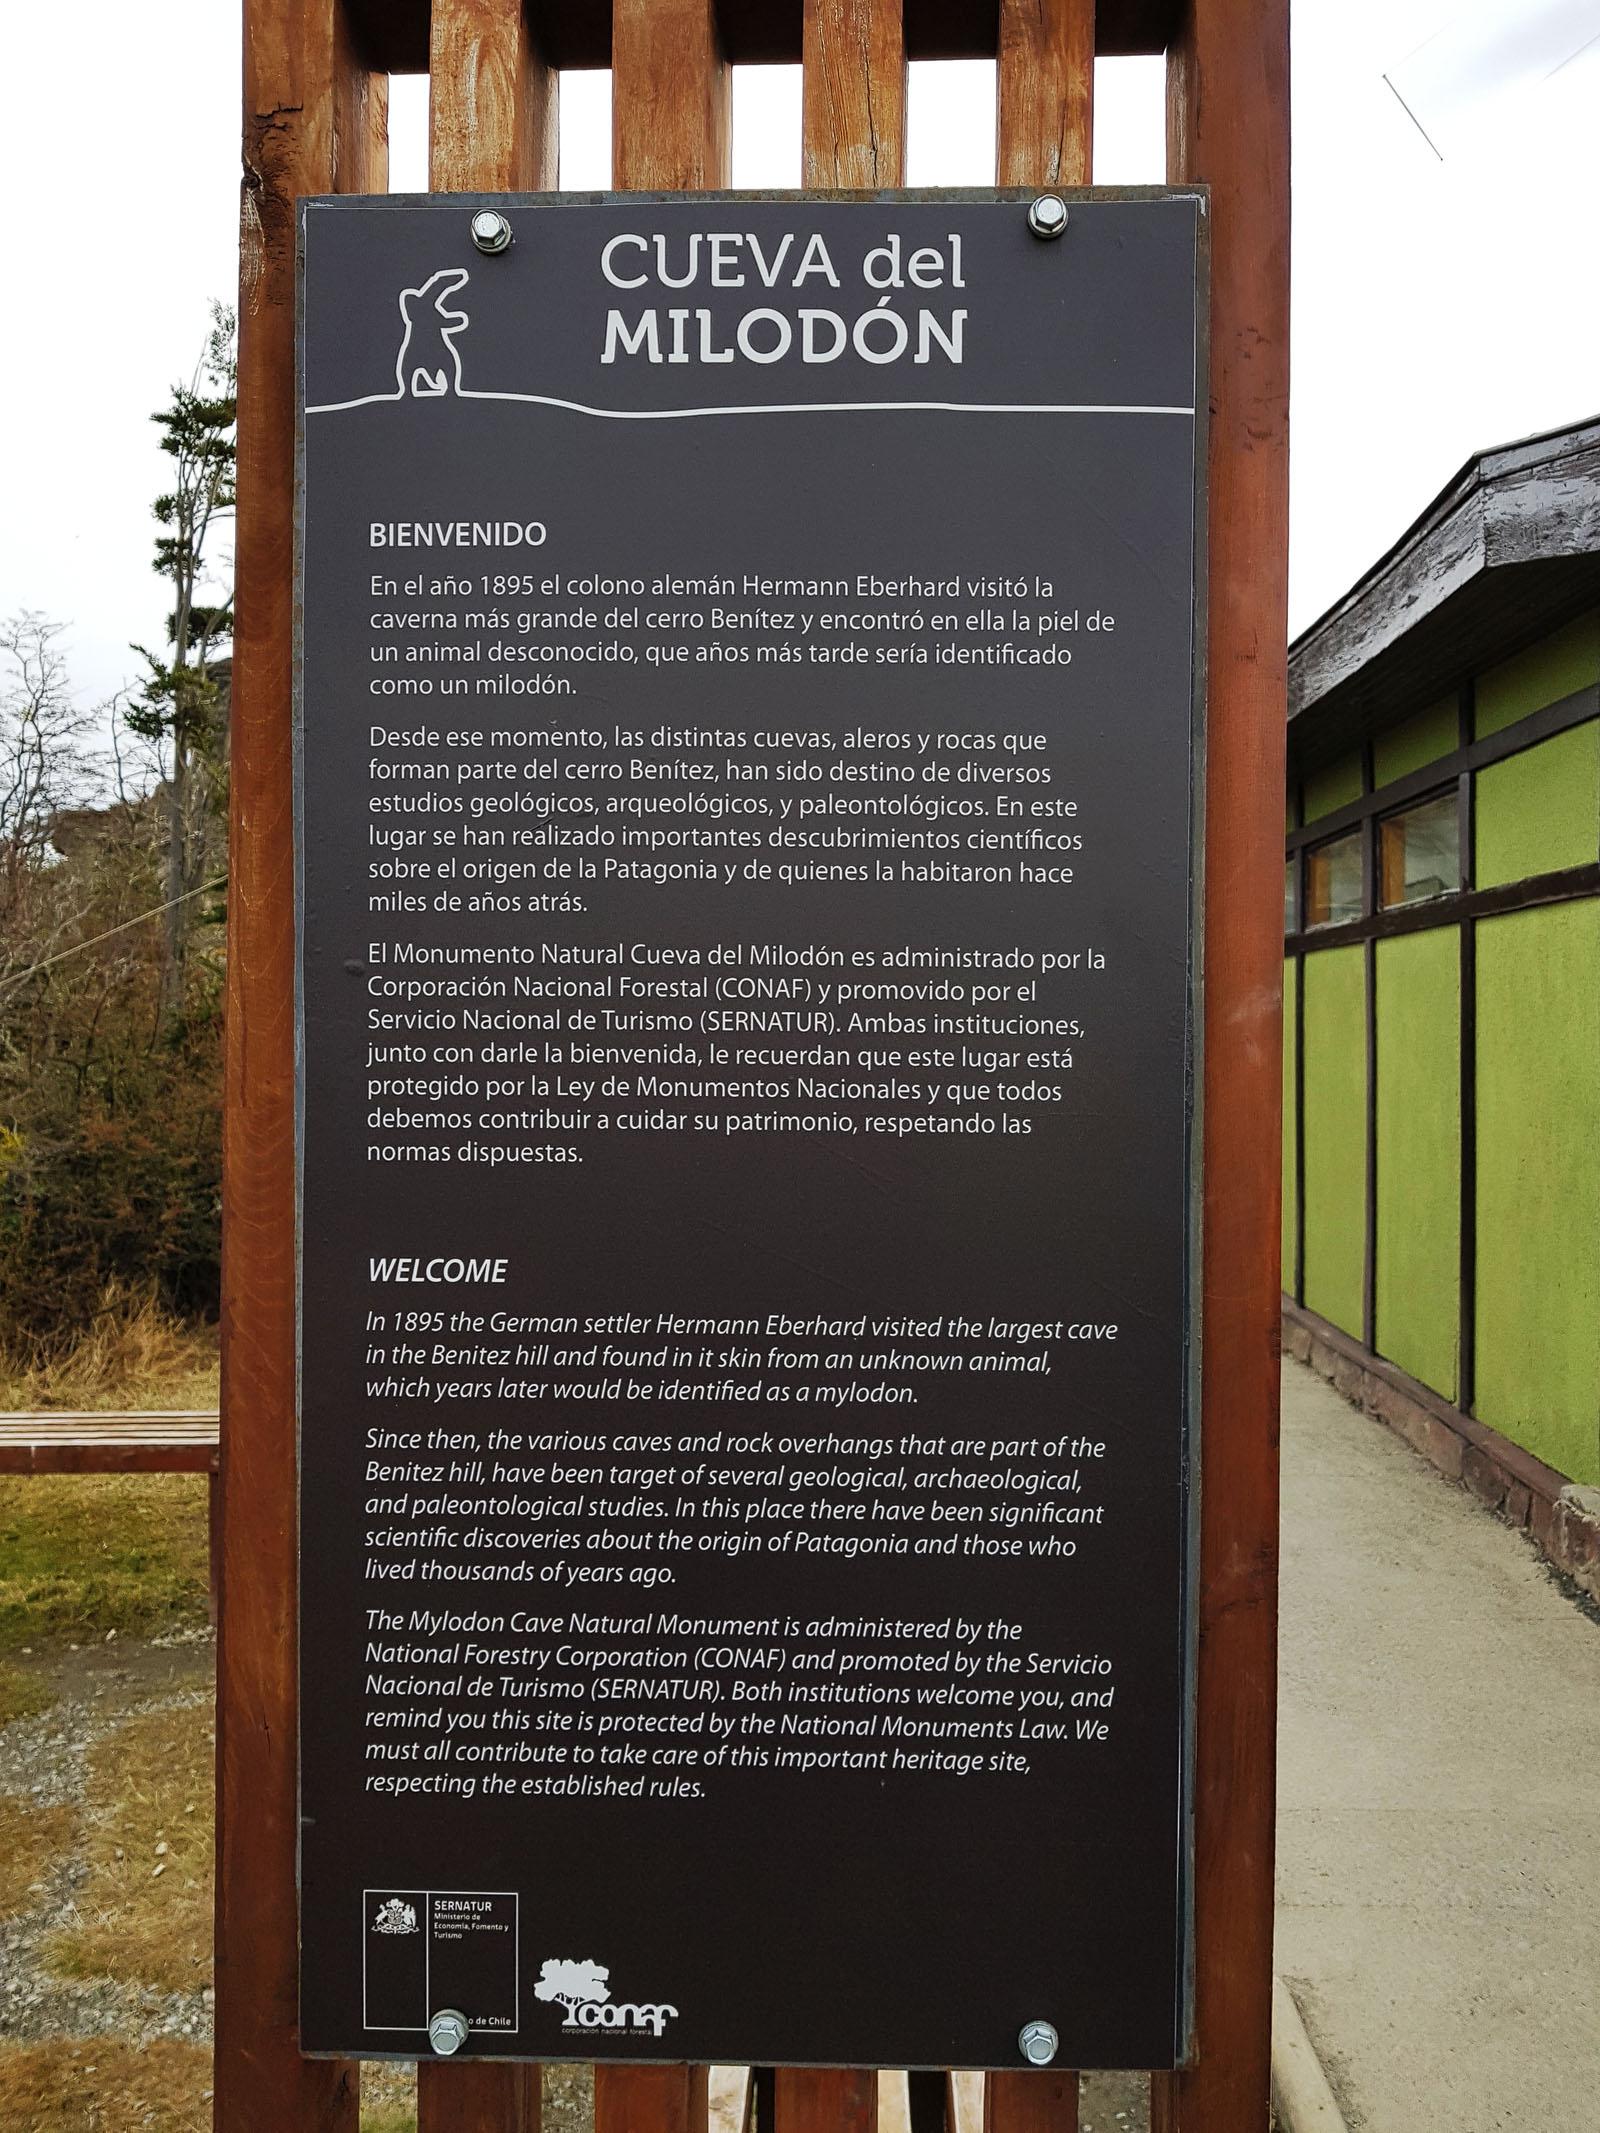 Die erste Station: Eingang zur Höhle des Riesenfaultiers Milodon